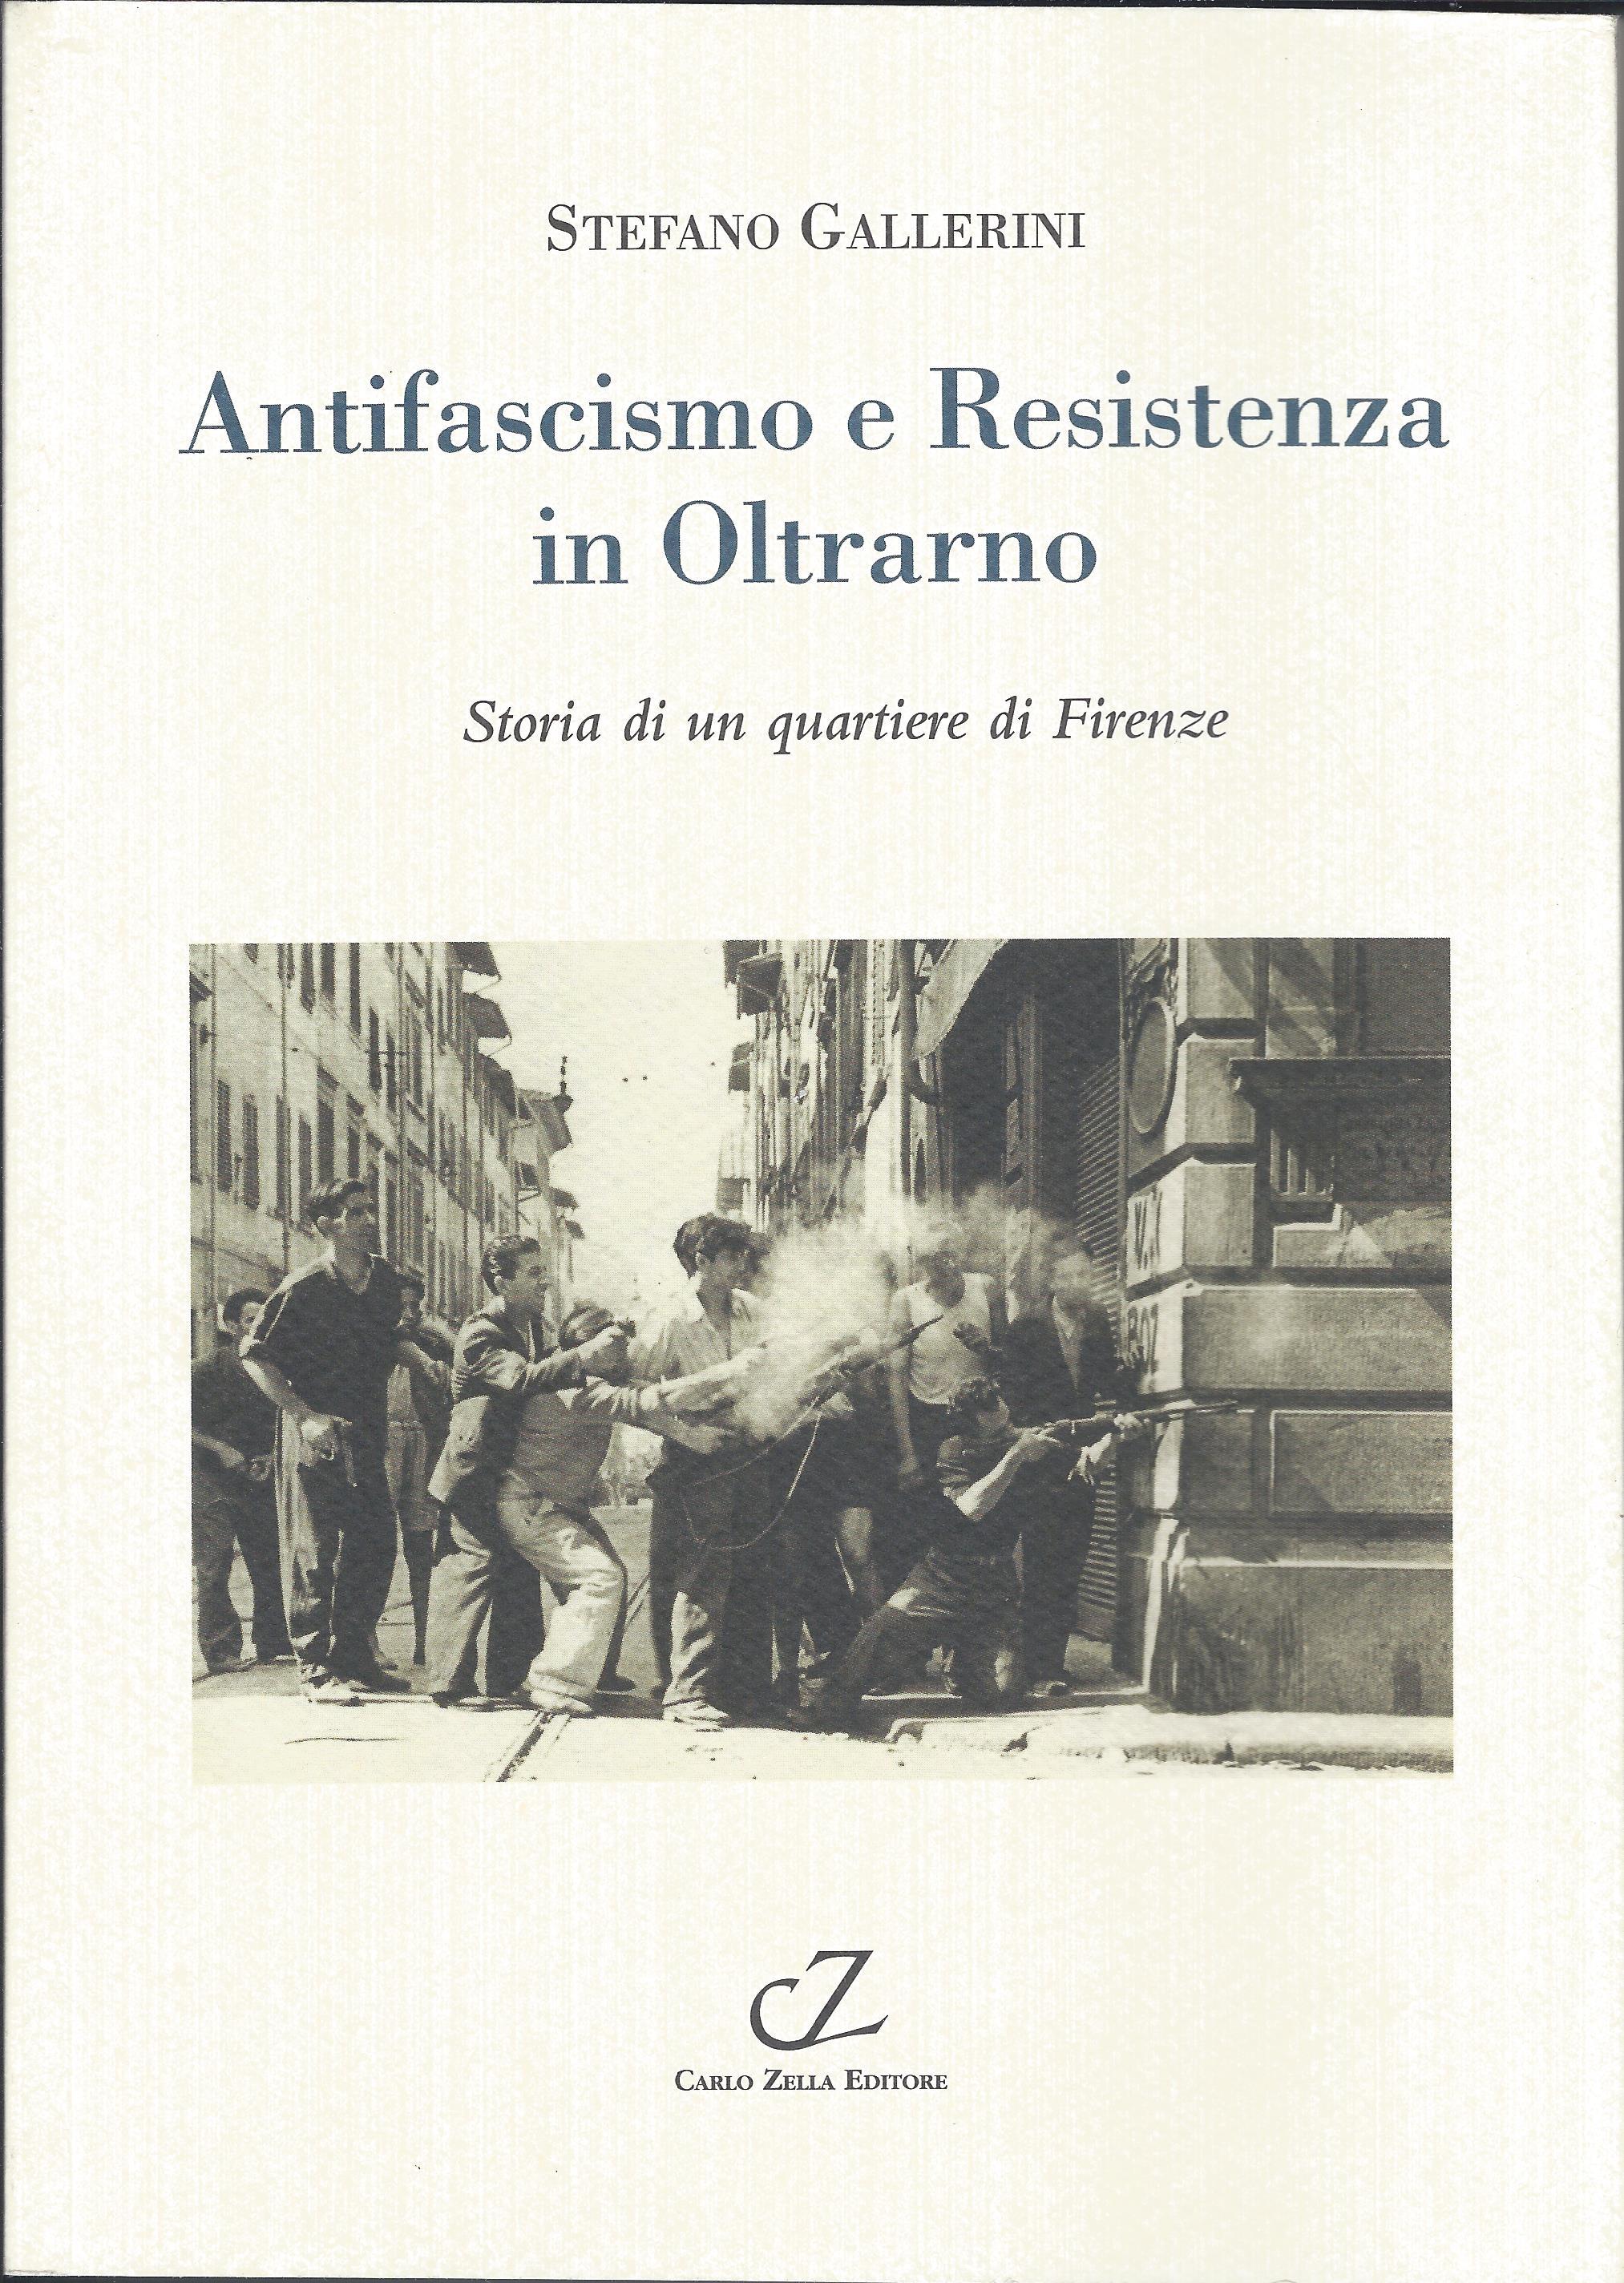 Antifascismo e Resistenza in Oltrarno